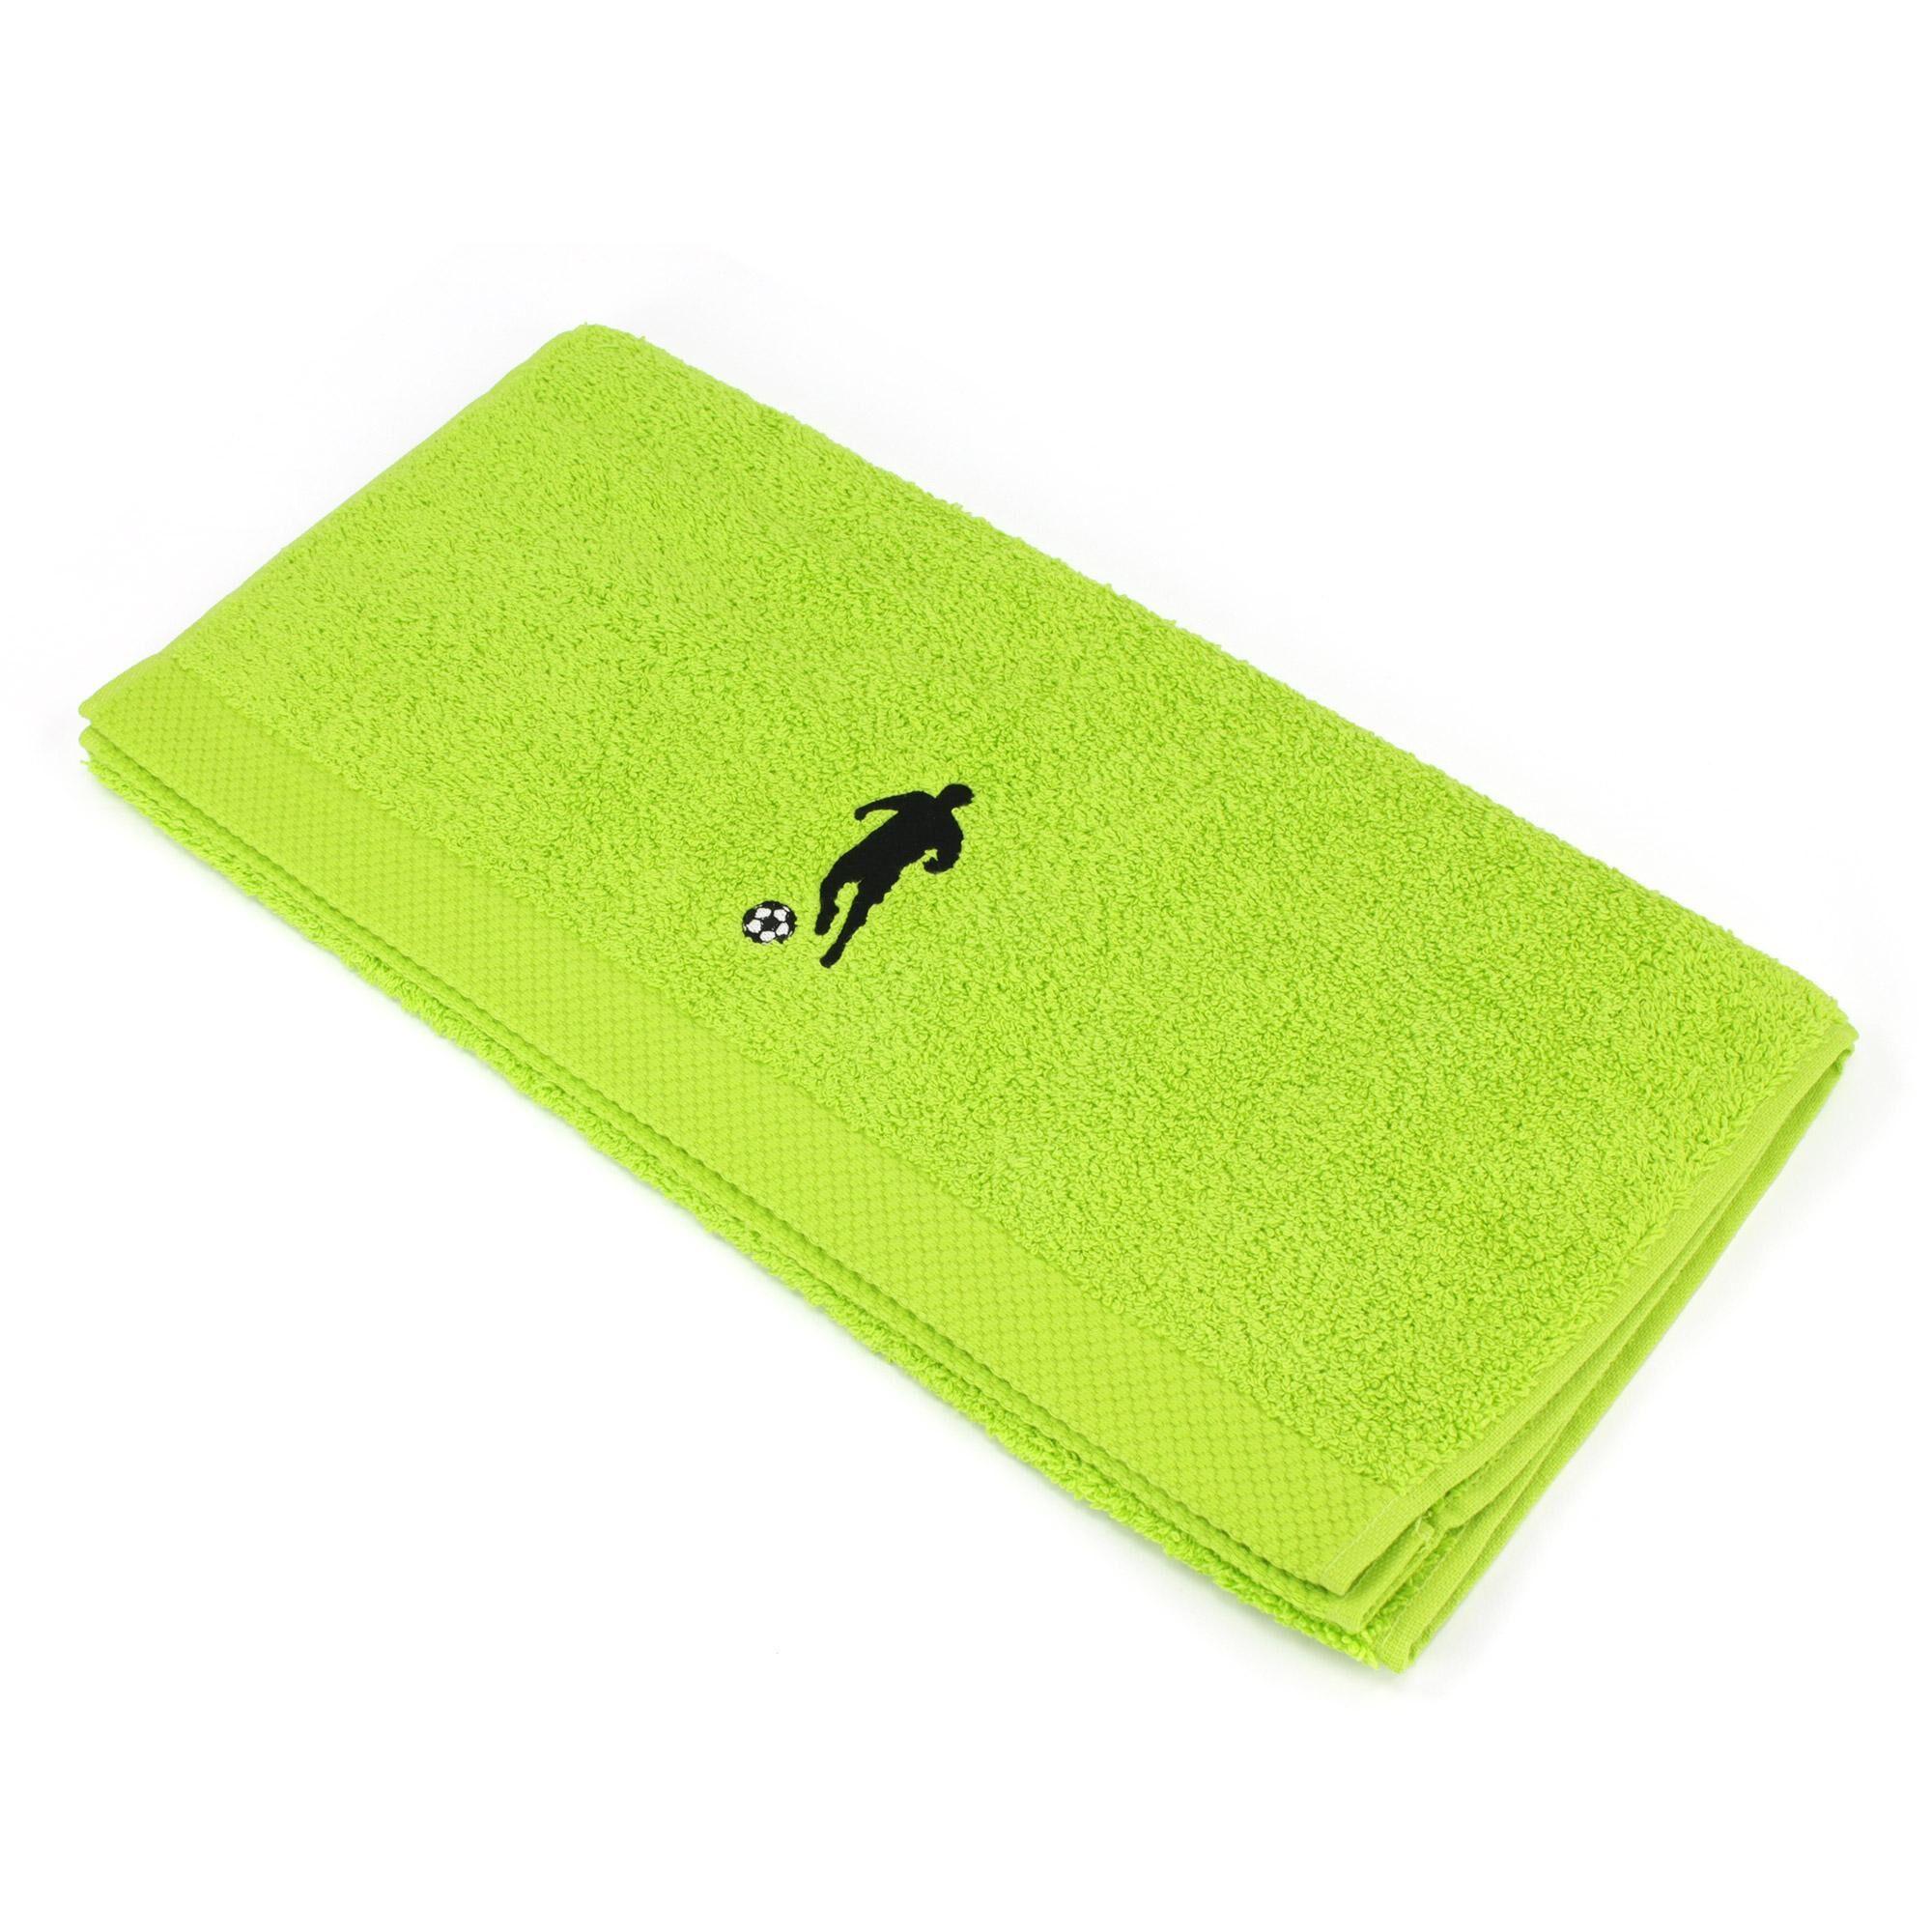 Linnea Serviette de toilette 50x100 cm 100% coton 550 g/m2 PURE FOOTBALL Vert Pistache